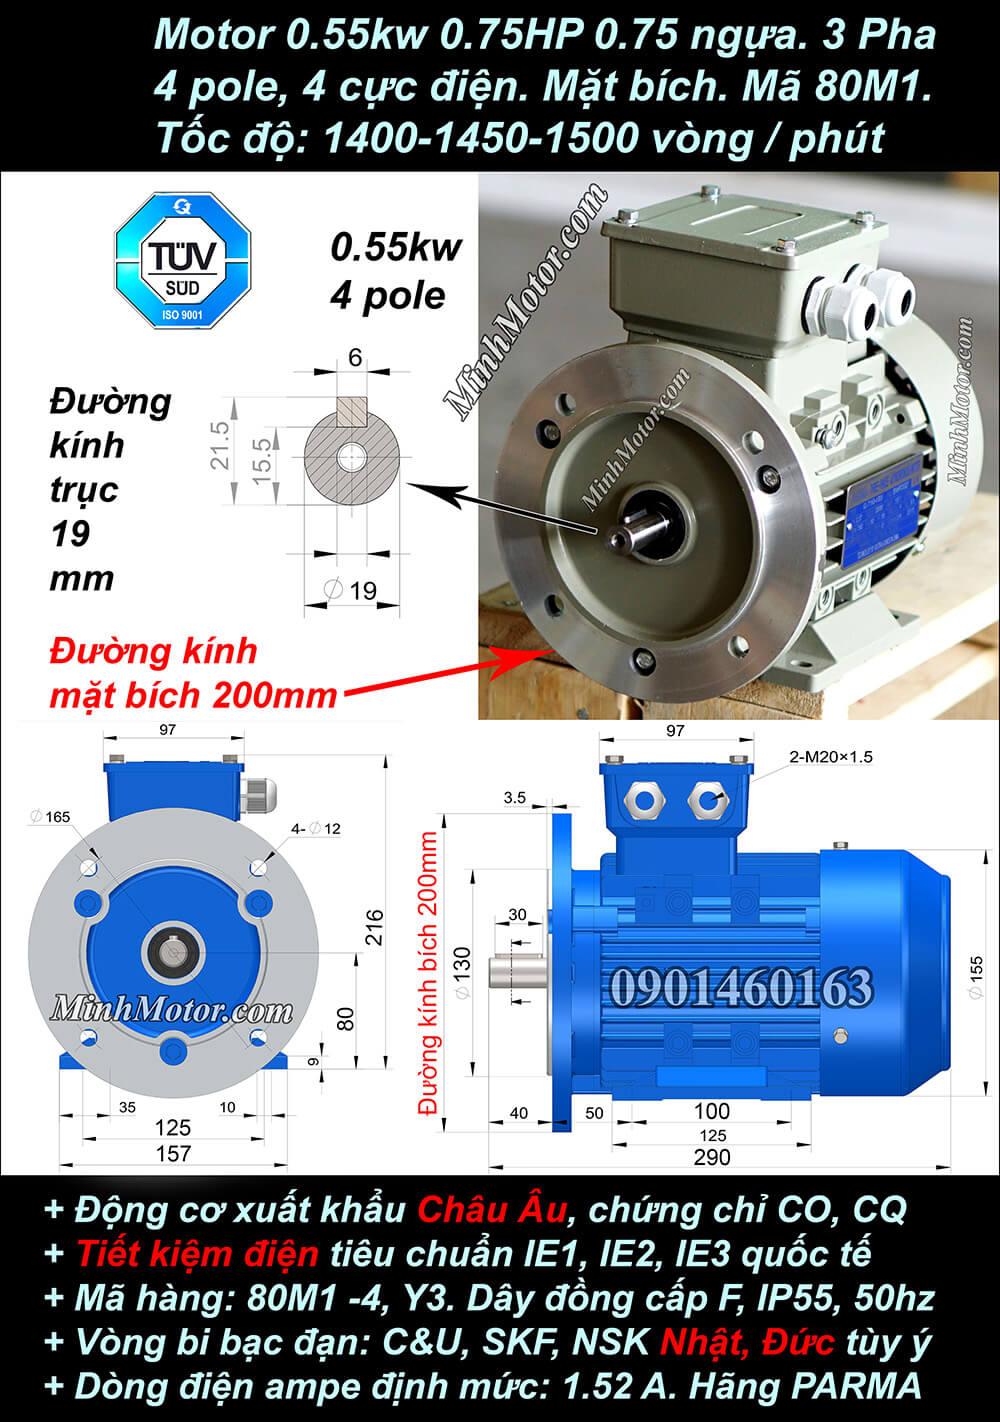 Bản vẽ motor mặt bích 0.55kW 0.75HP 0.75 Ngựa 4 Cực